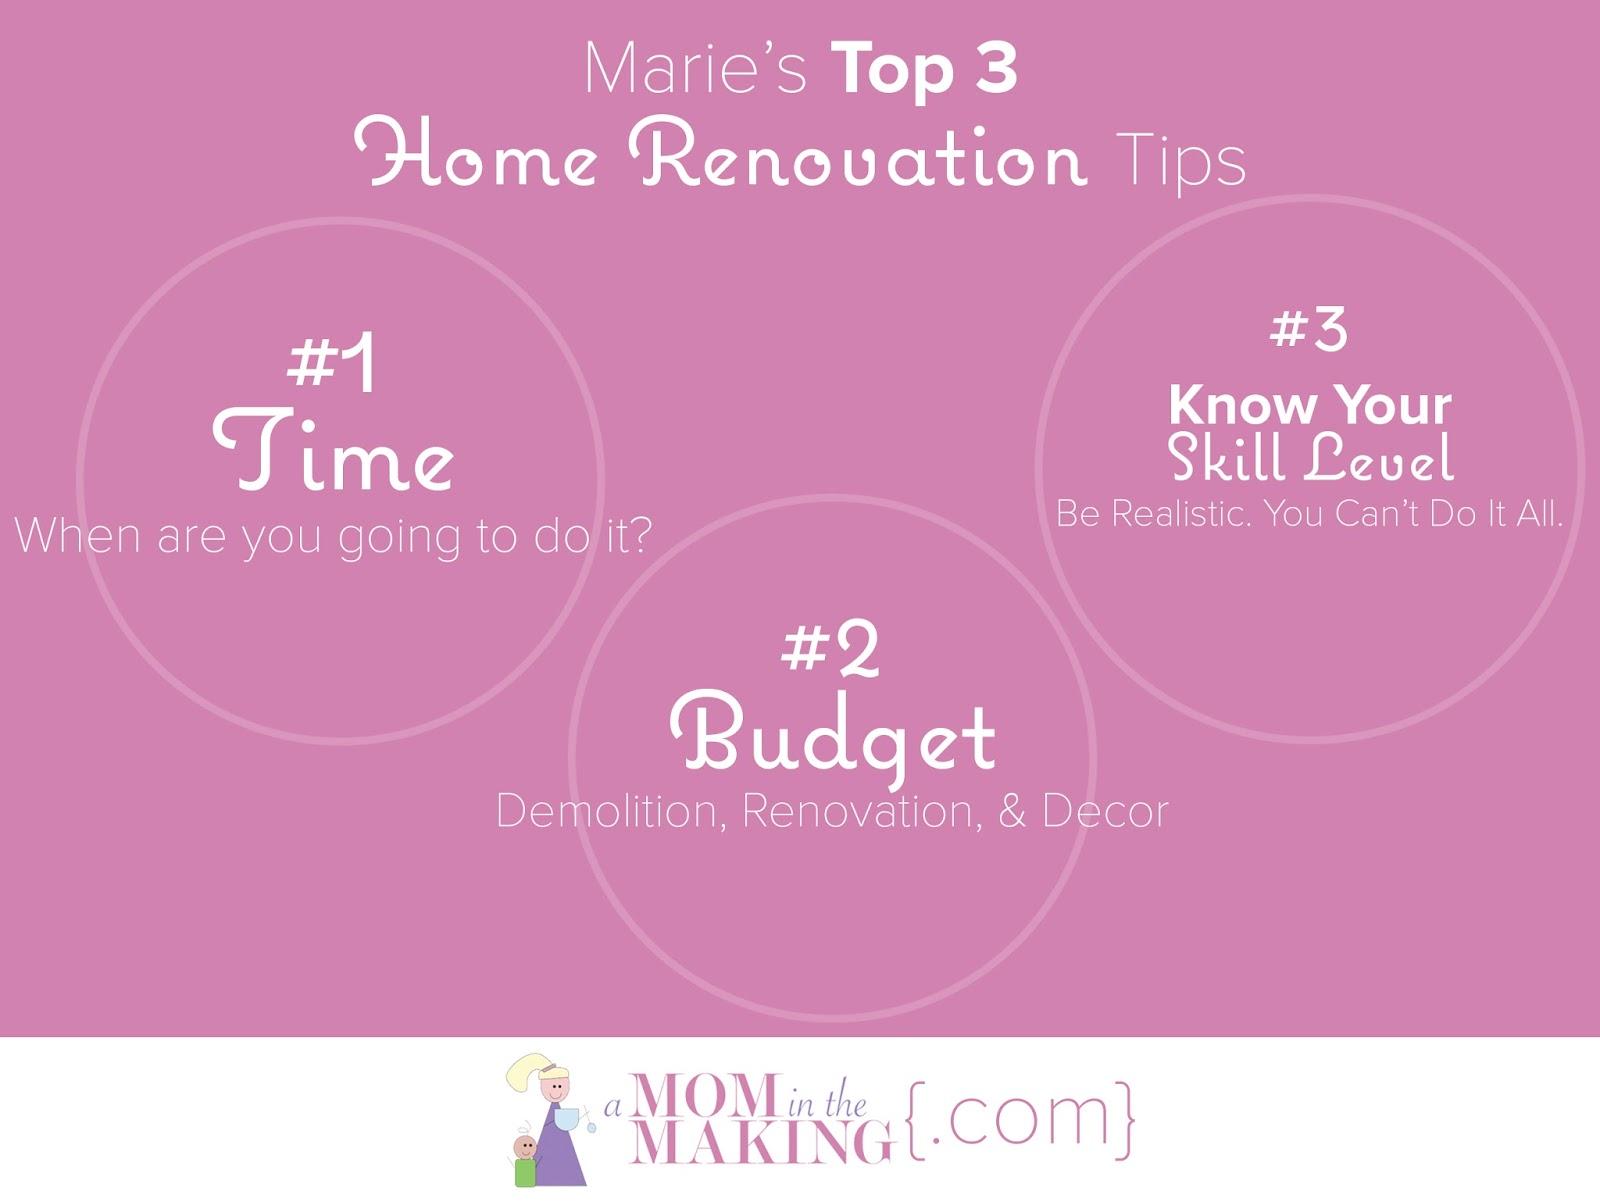 All Three Tips